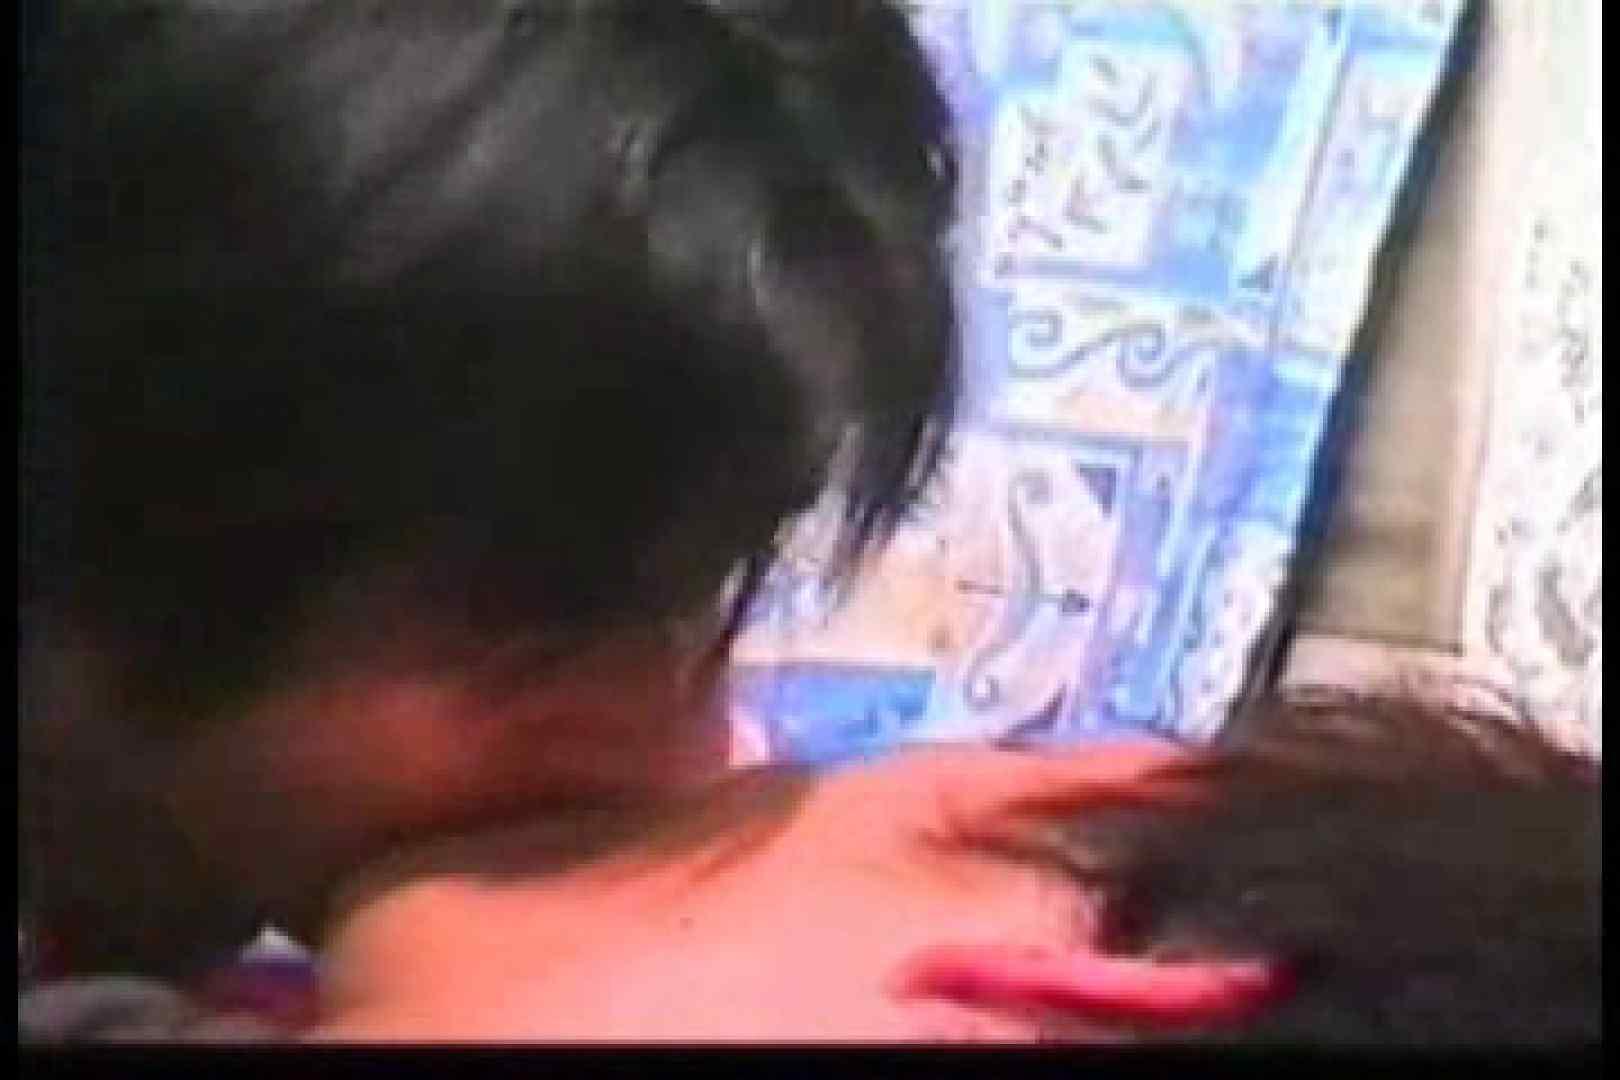 【投稿作品】秘蔵流出ビデオ!!甘い追憶 生挿入 ペニス画像 97枚 7